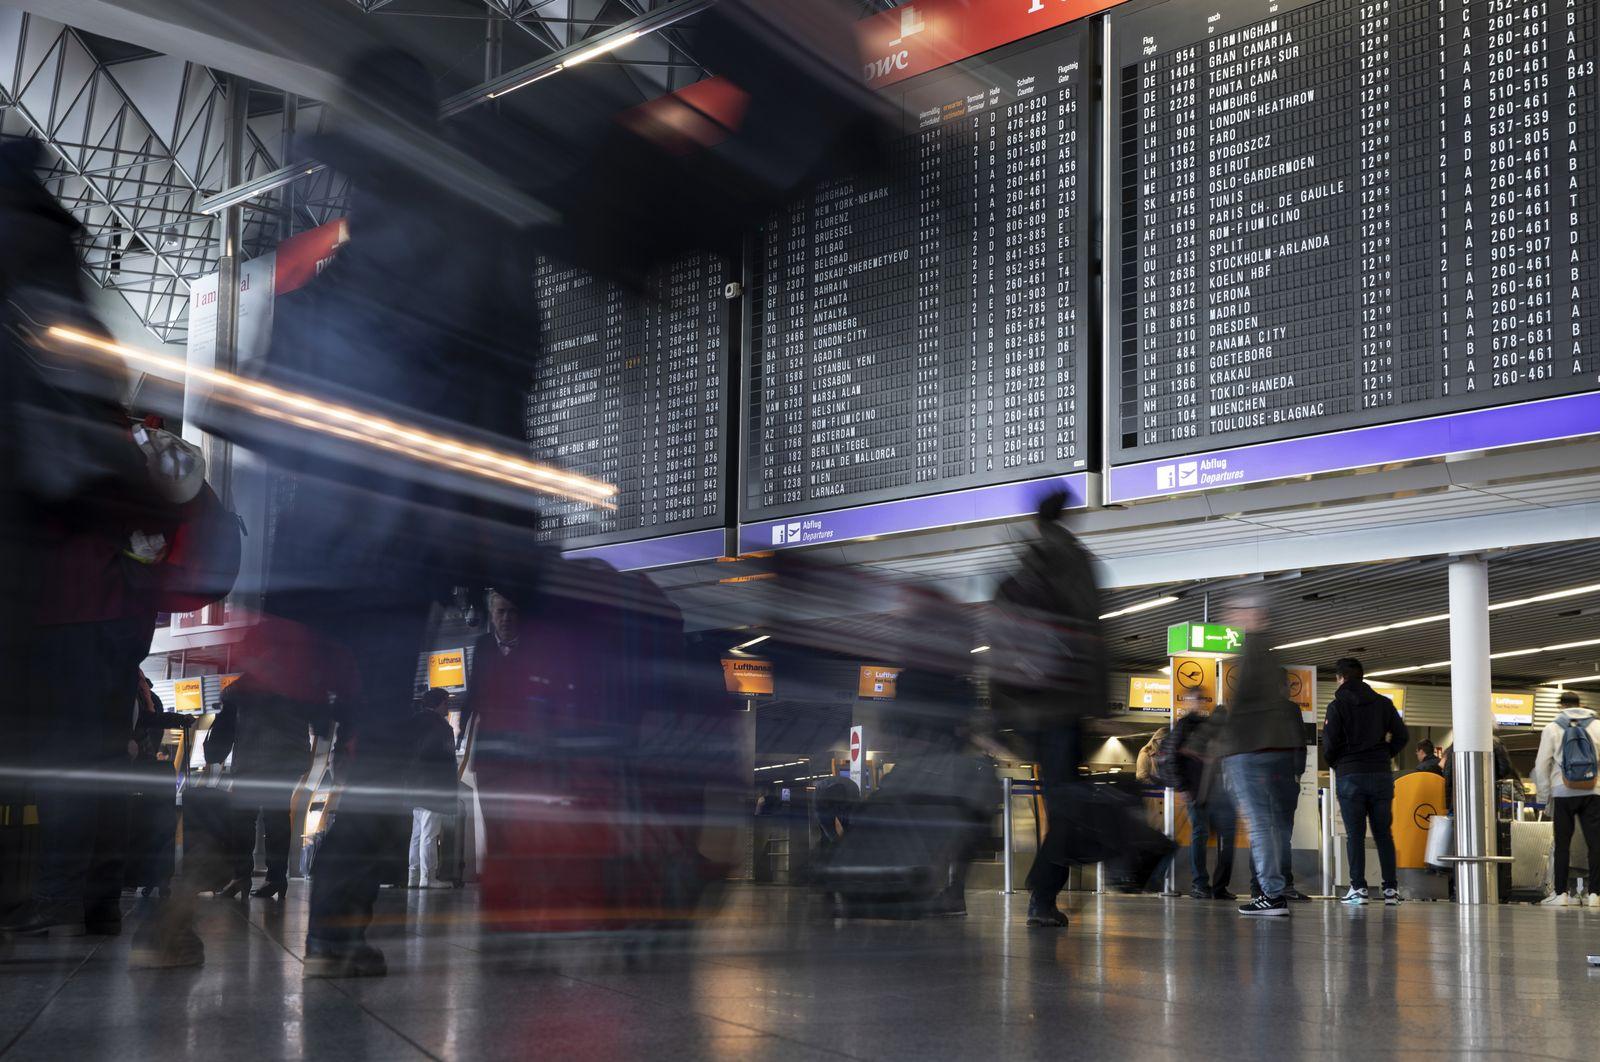 Flughafen Frankfurt Nach Drohnensichtung Vorubergehend Gesperrt Der Spiegel